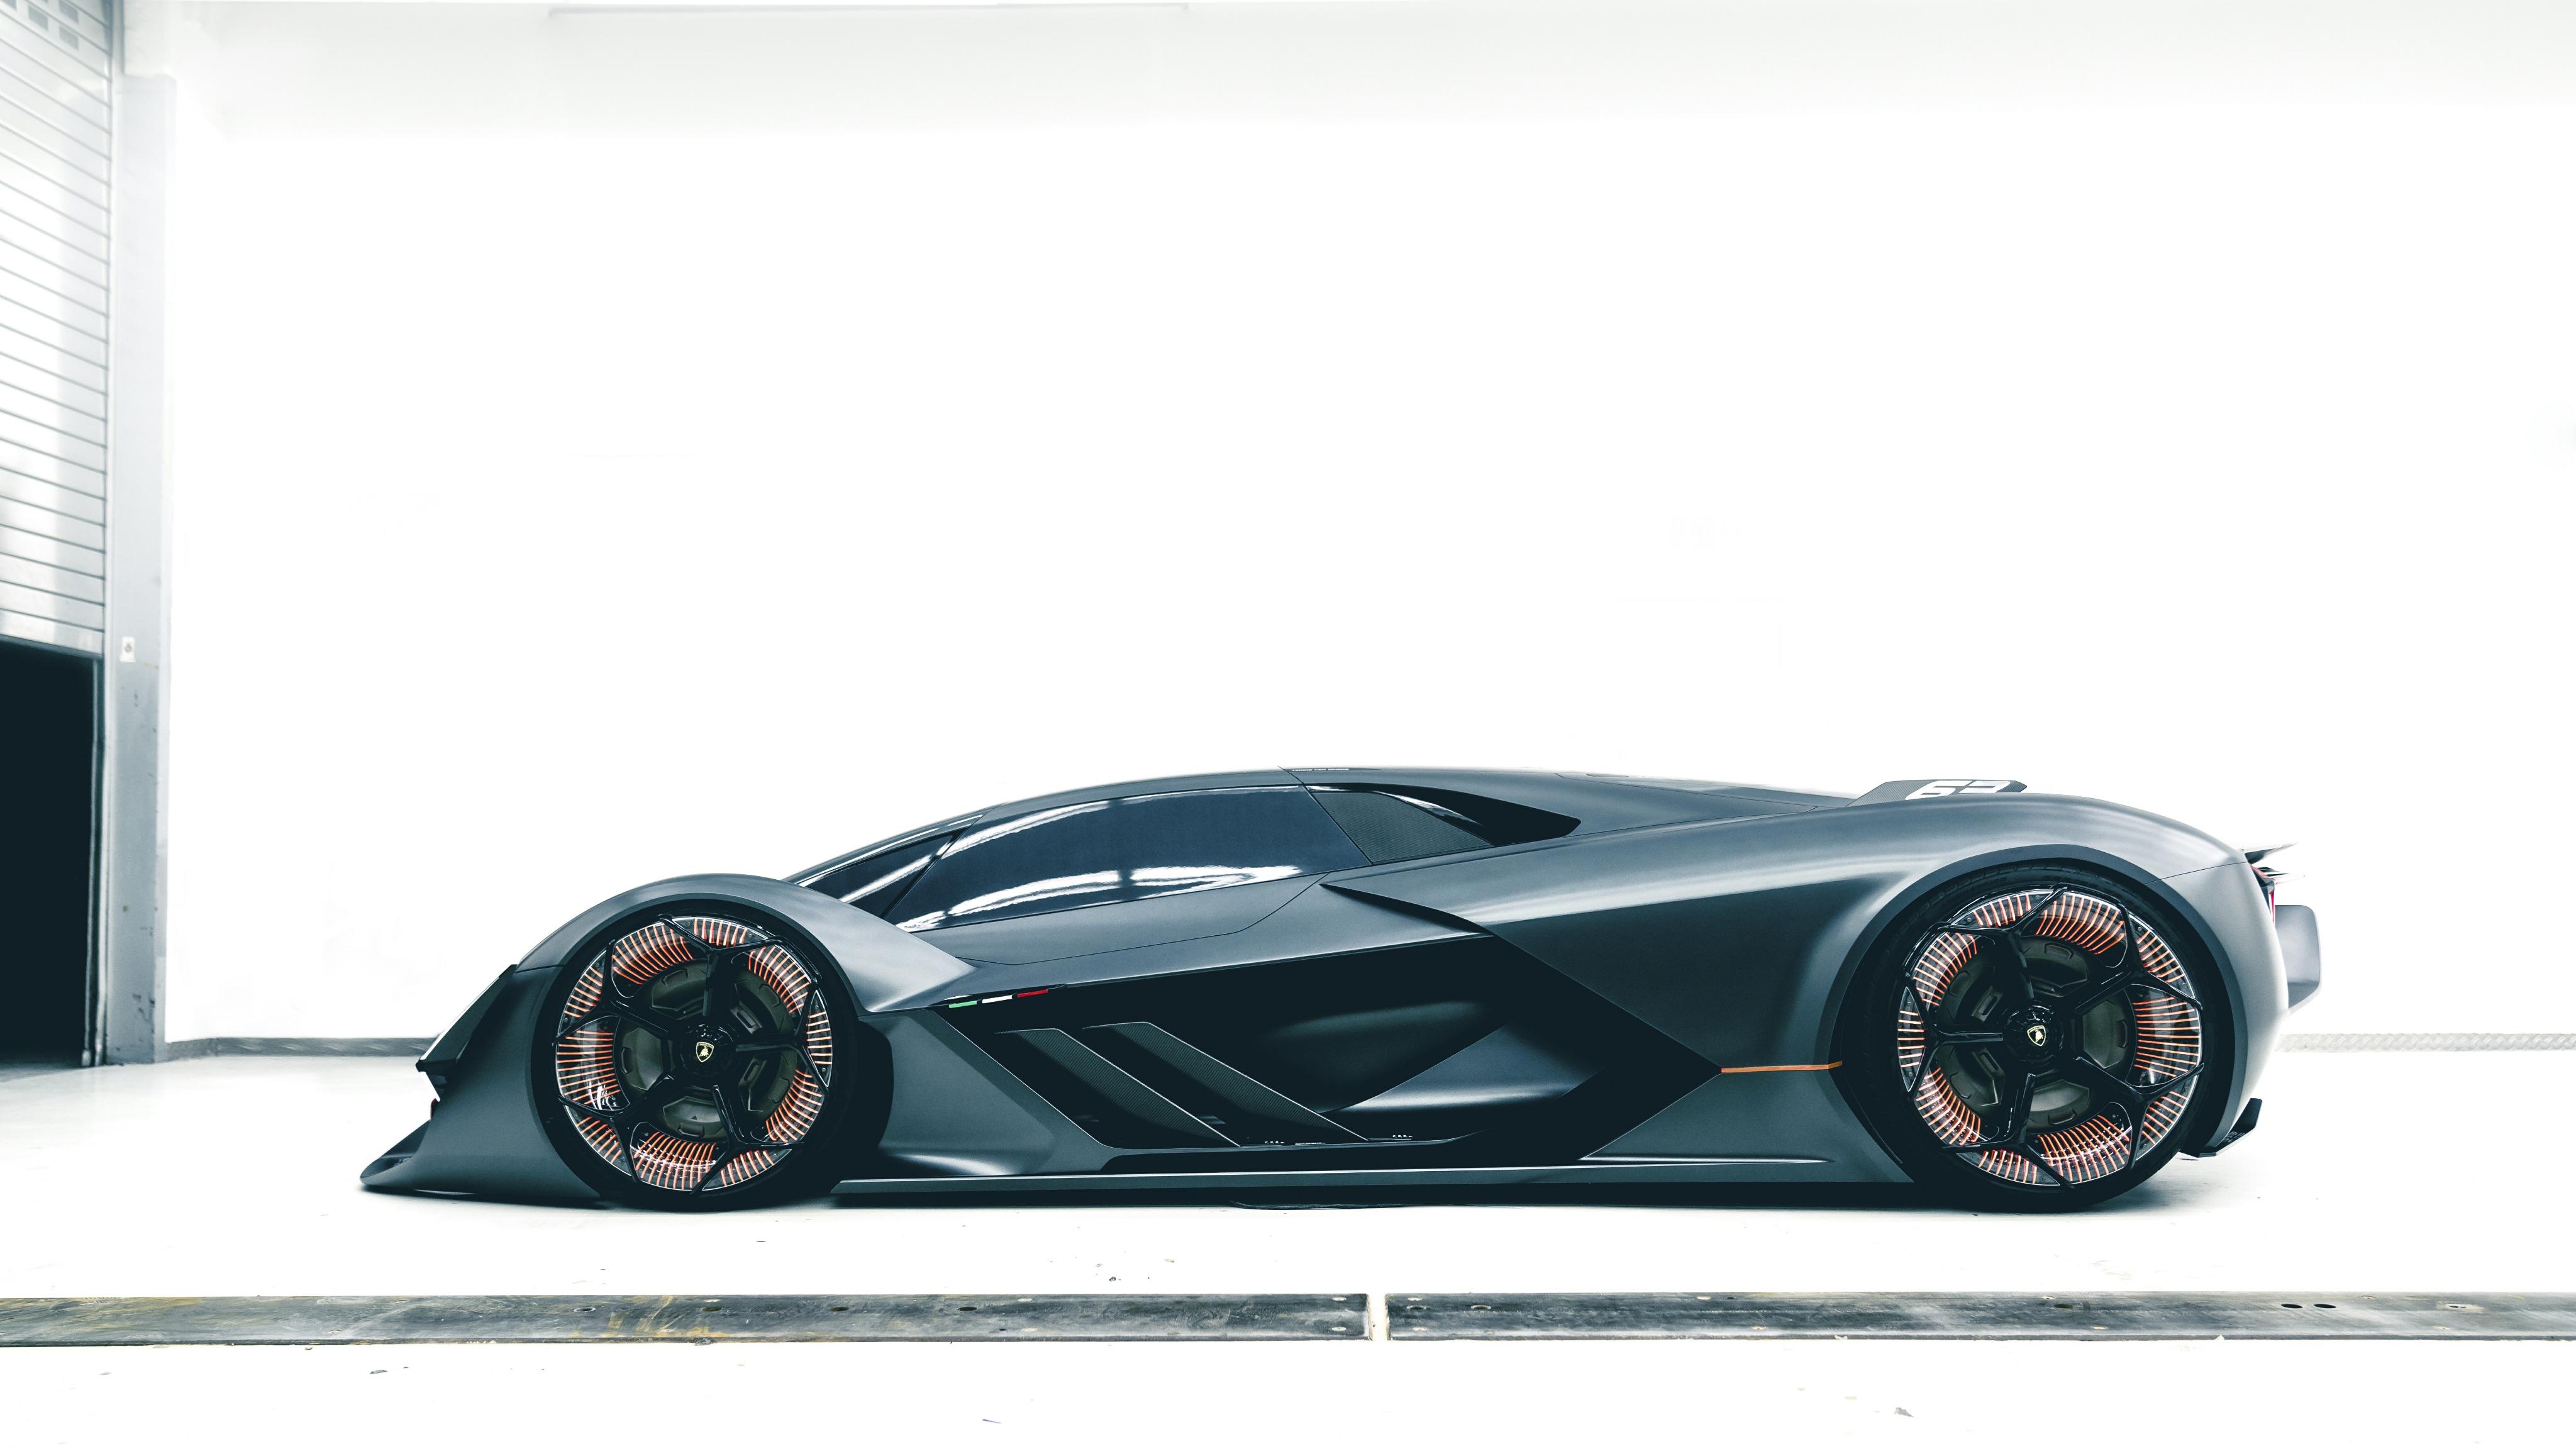 Best Lamborghini Terzo Millennio - lamborghini_terzo_millennio_ev_supercar_4k_4-HD  Trends_683624.jpg